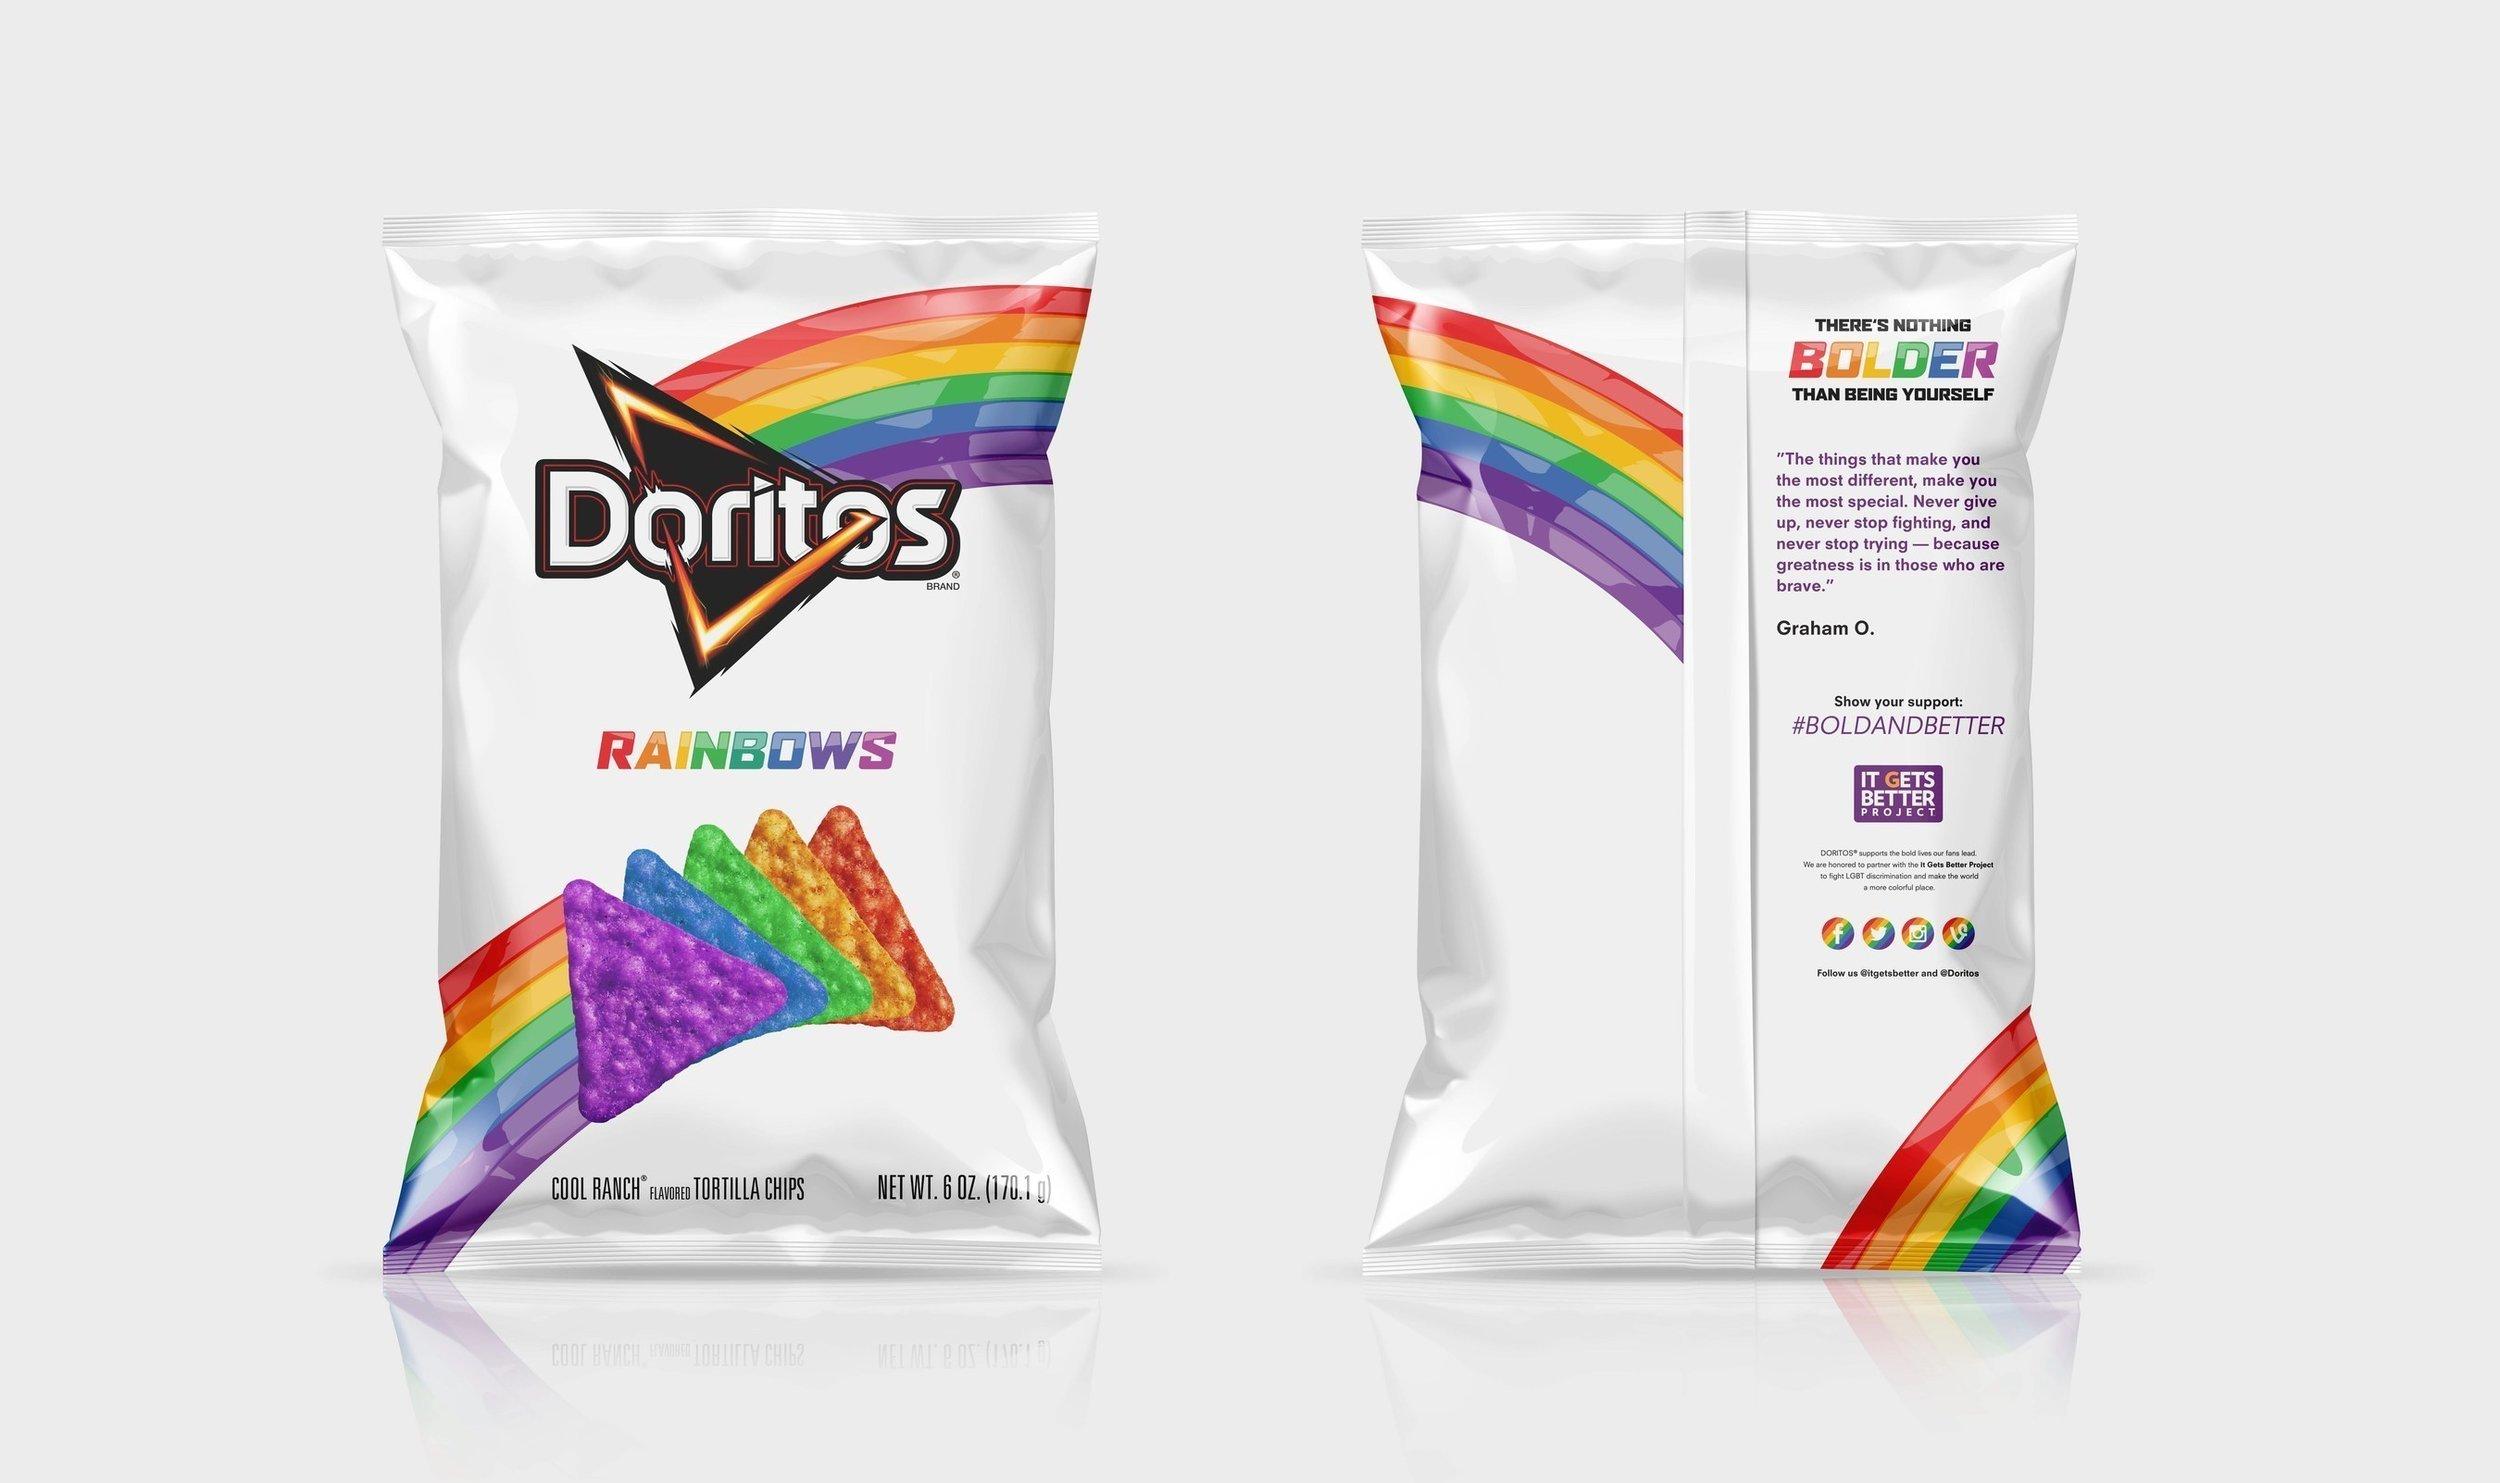 Doritos Rainbows Bag